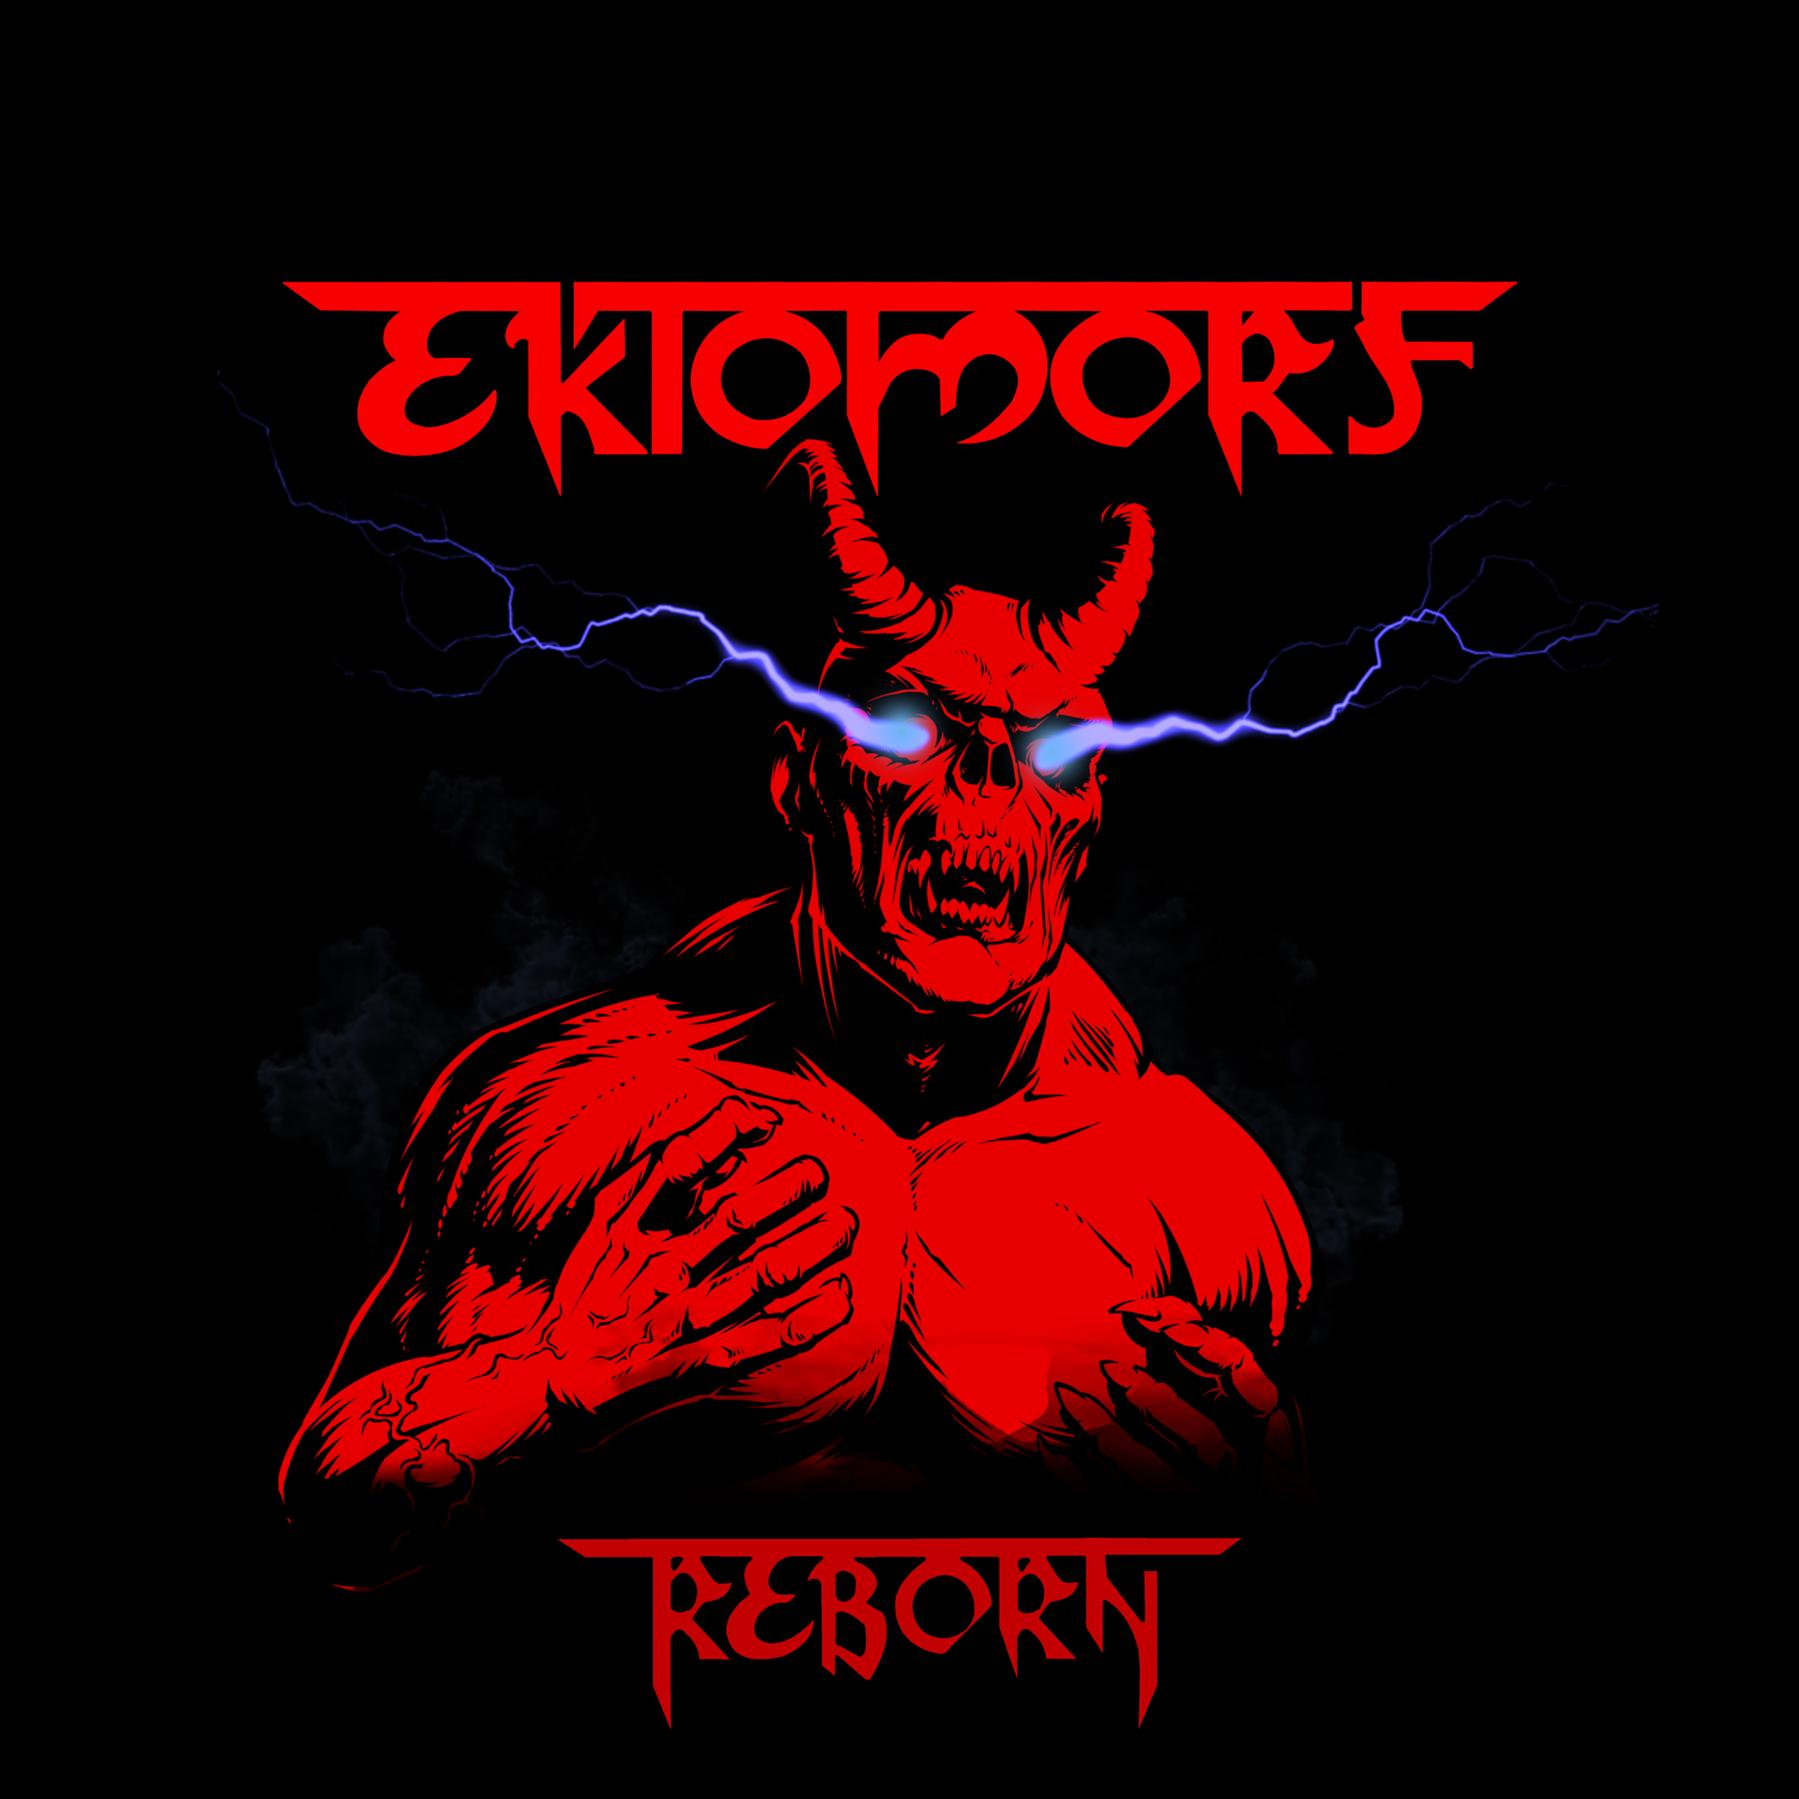 ektomorph reborn cover artwork